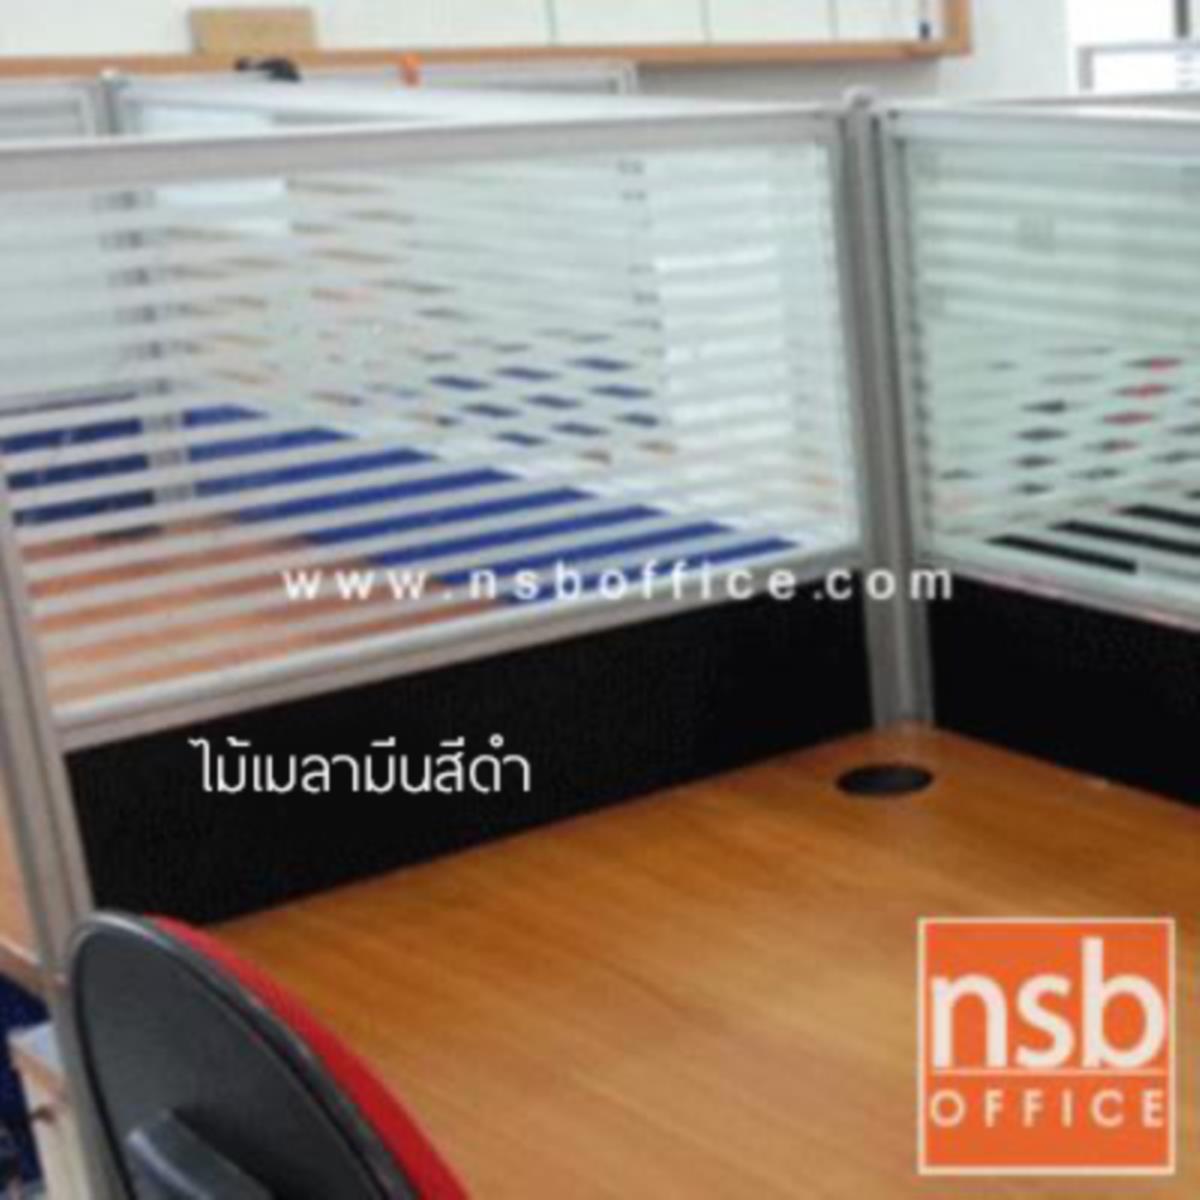 ชุดโต๊ะทำงานกลุ่มตัวแอล 6 ที่นั่ง   ขนาดรวม 610W*246D cm. พร้อมพาร์ทิชั่นครึ่งกระจกขัดลาย